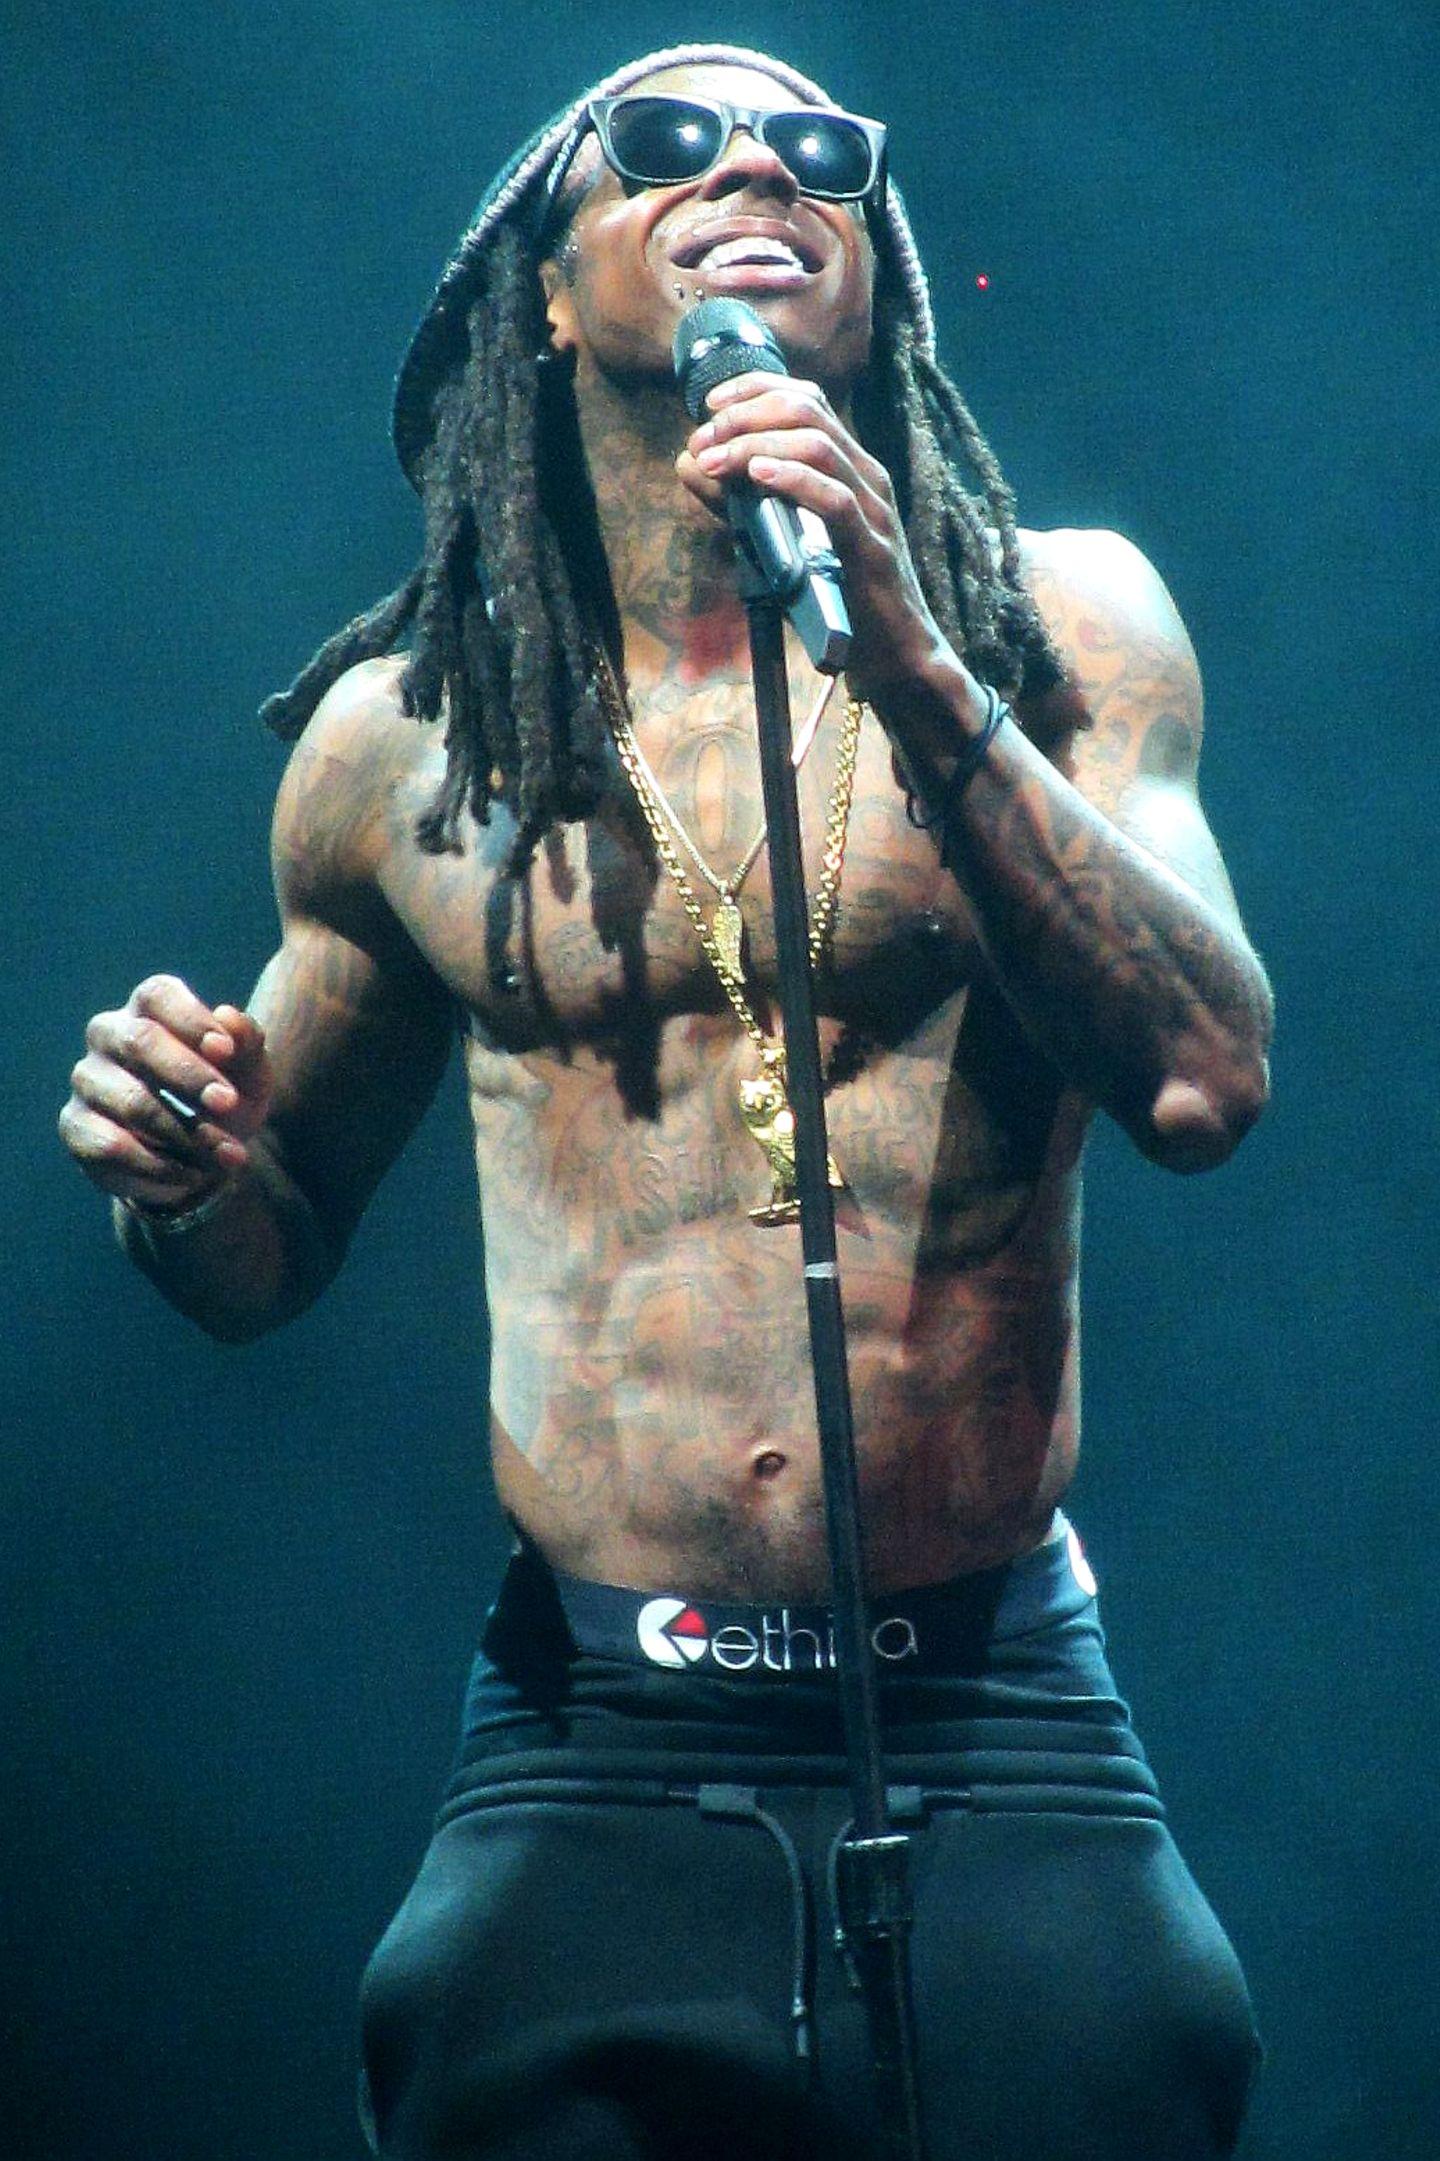 """Lil Wayne  """"Das Mädchen war 13"""", verriet der Rapper. """"Wir spielten Montagsmaler und sie schrieb 'F--- mich' auf das Brett."""""""